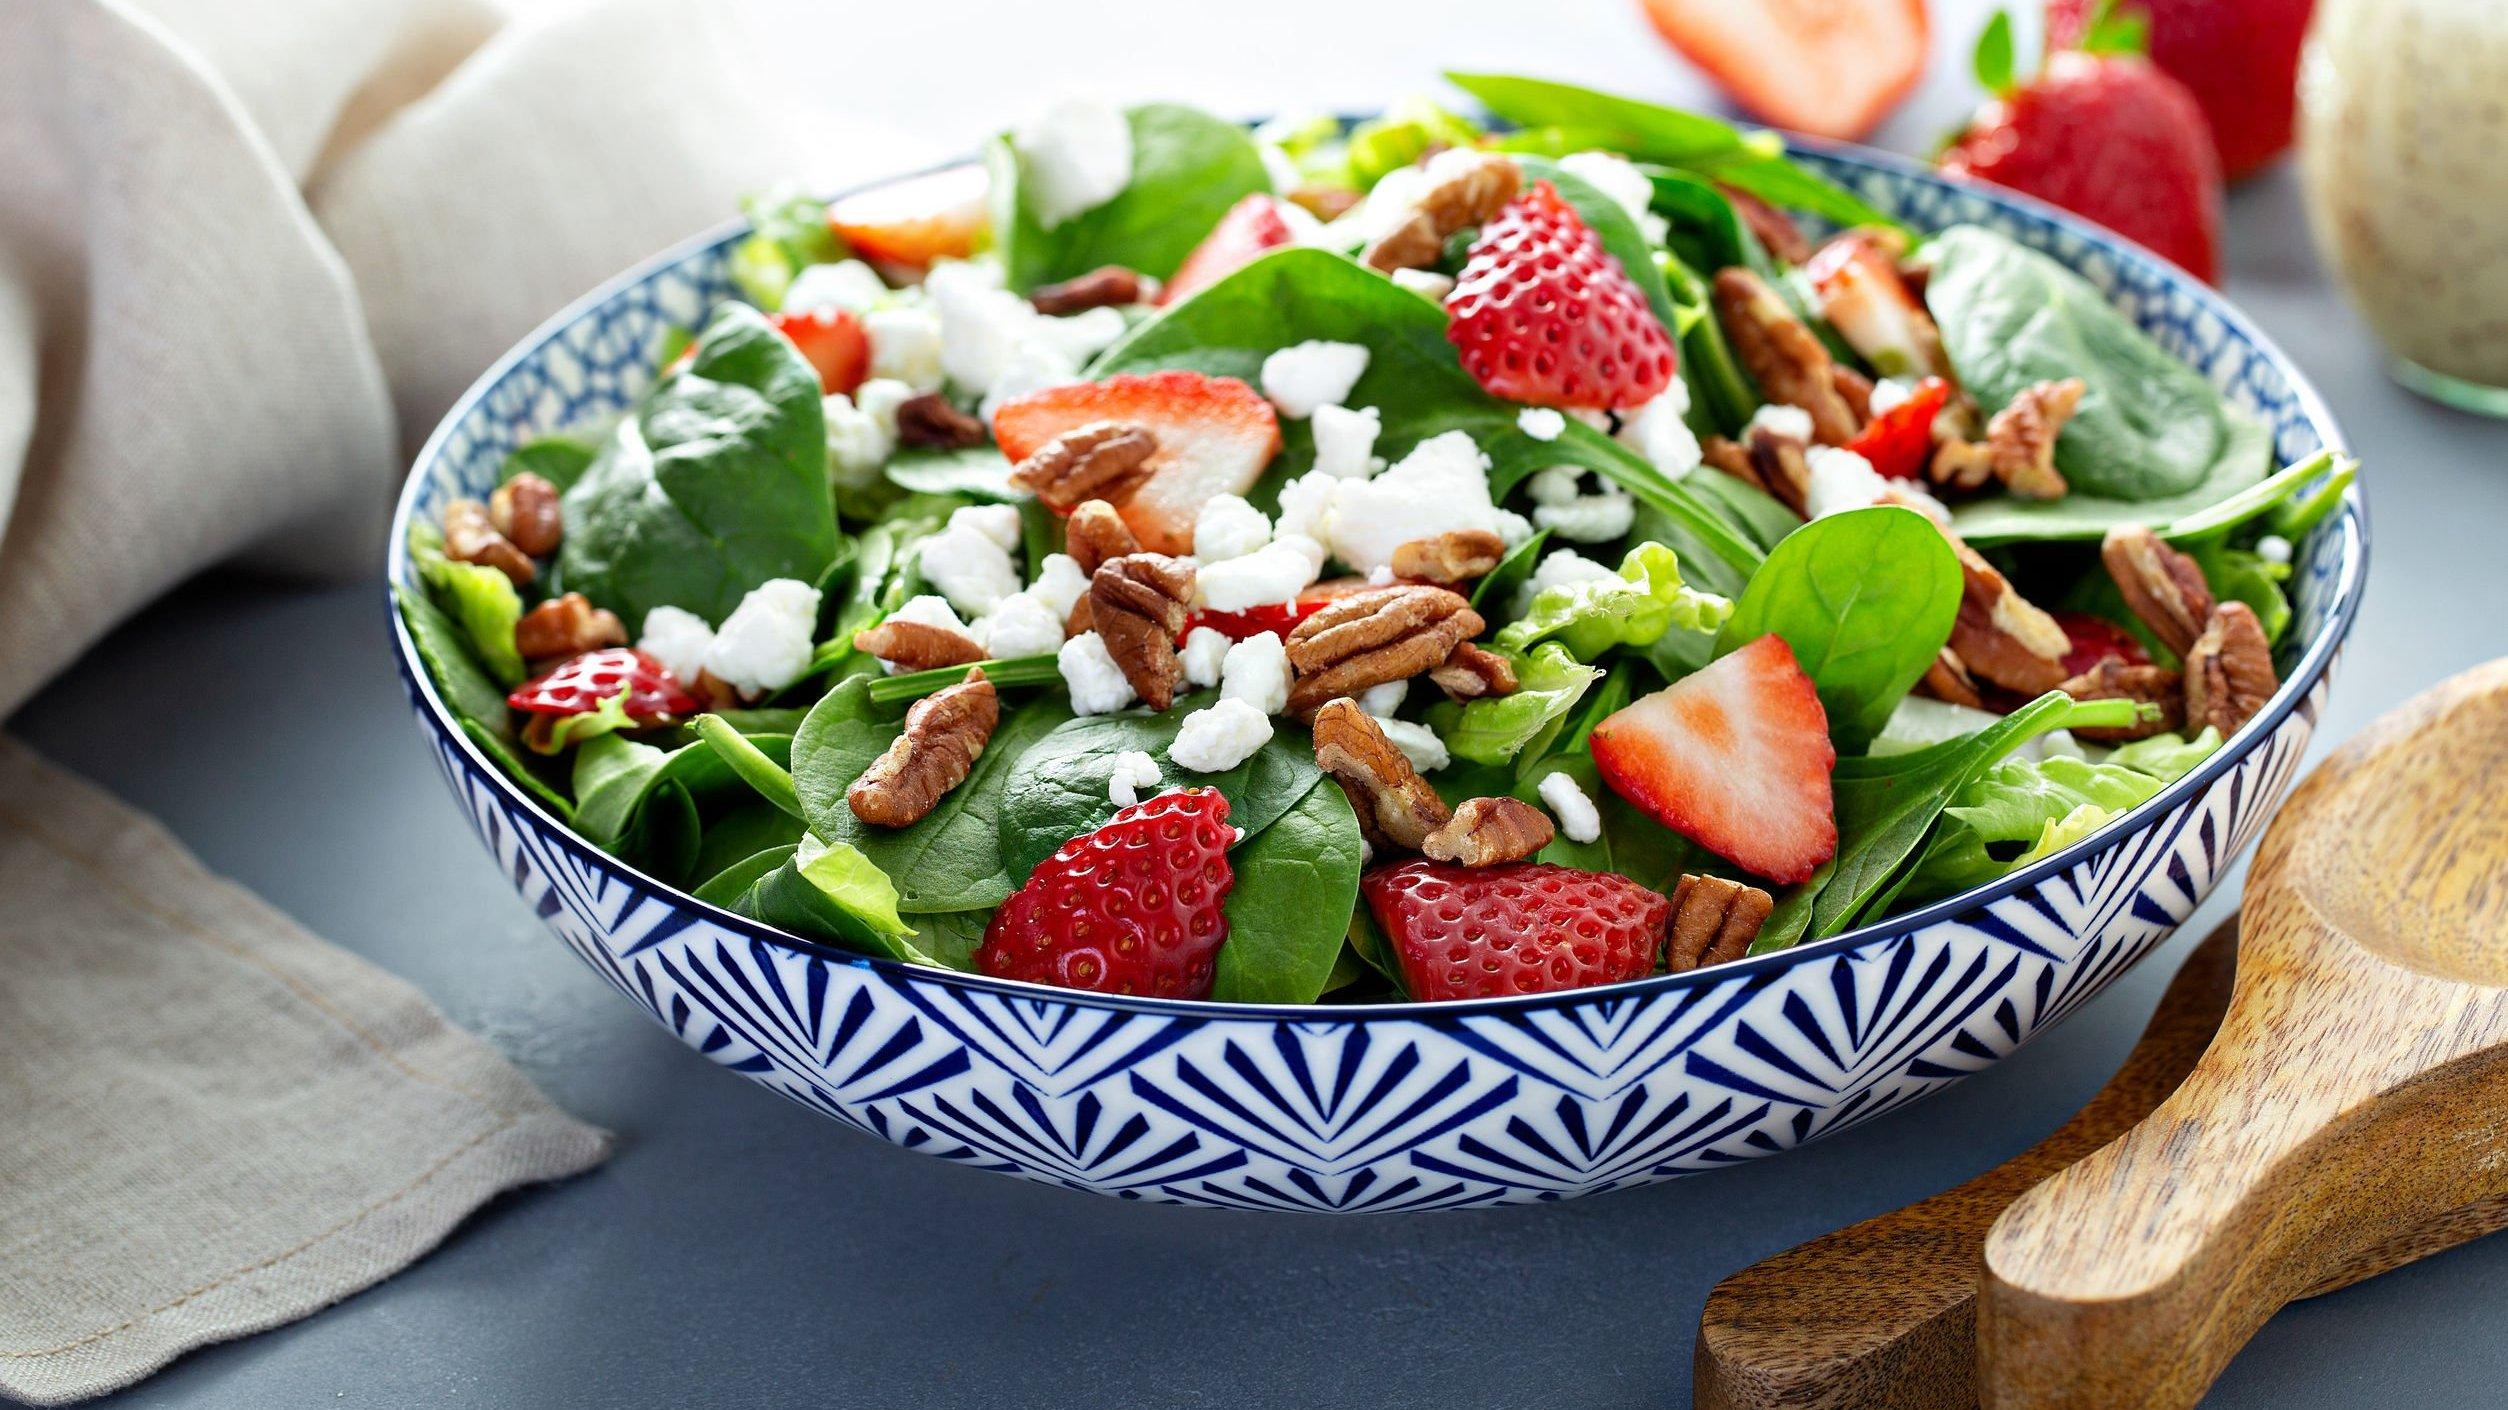 Tigela com salada e frutas.